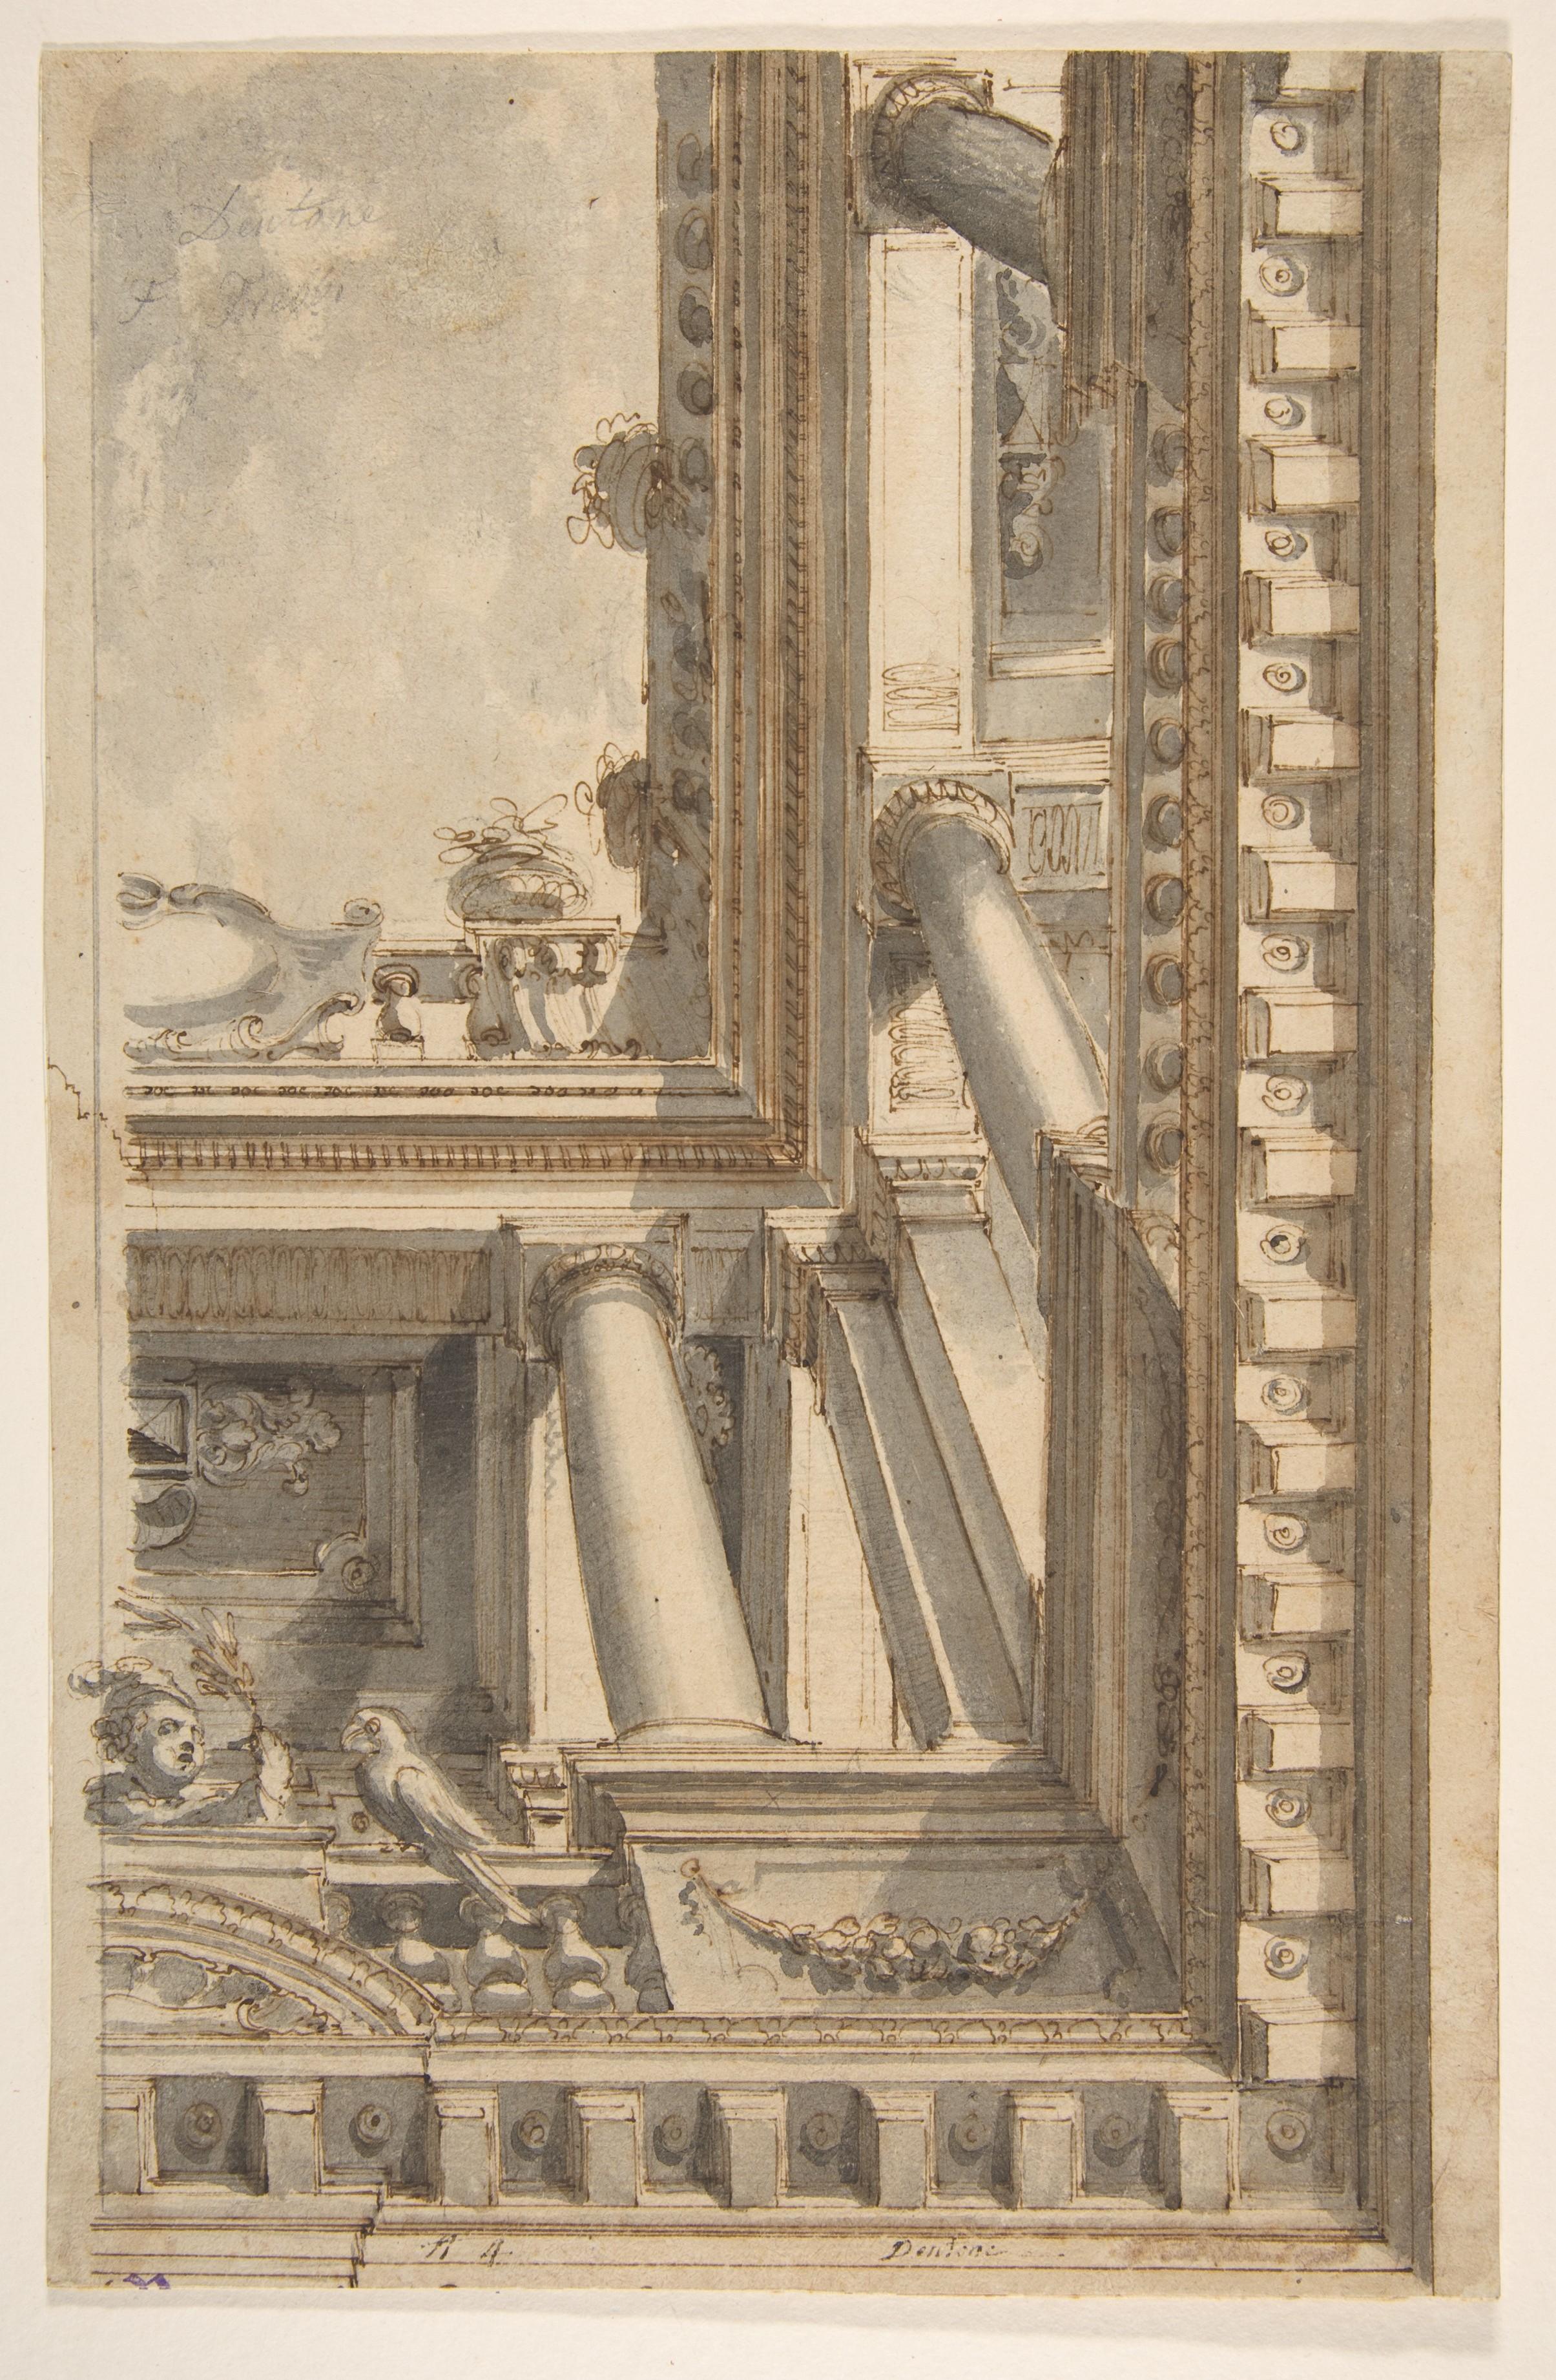 Faustino Trebbi Design For A Trompe L